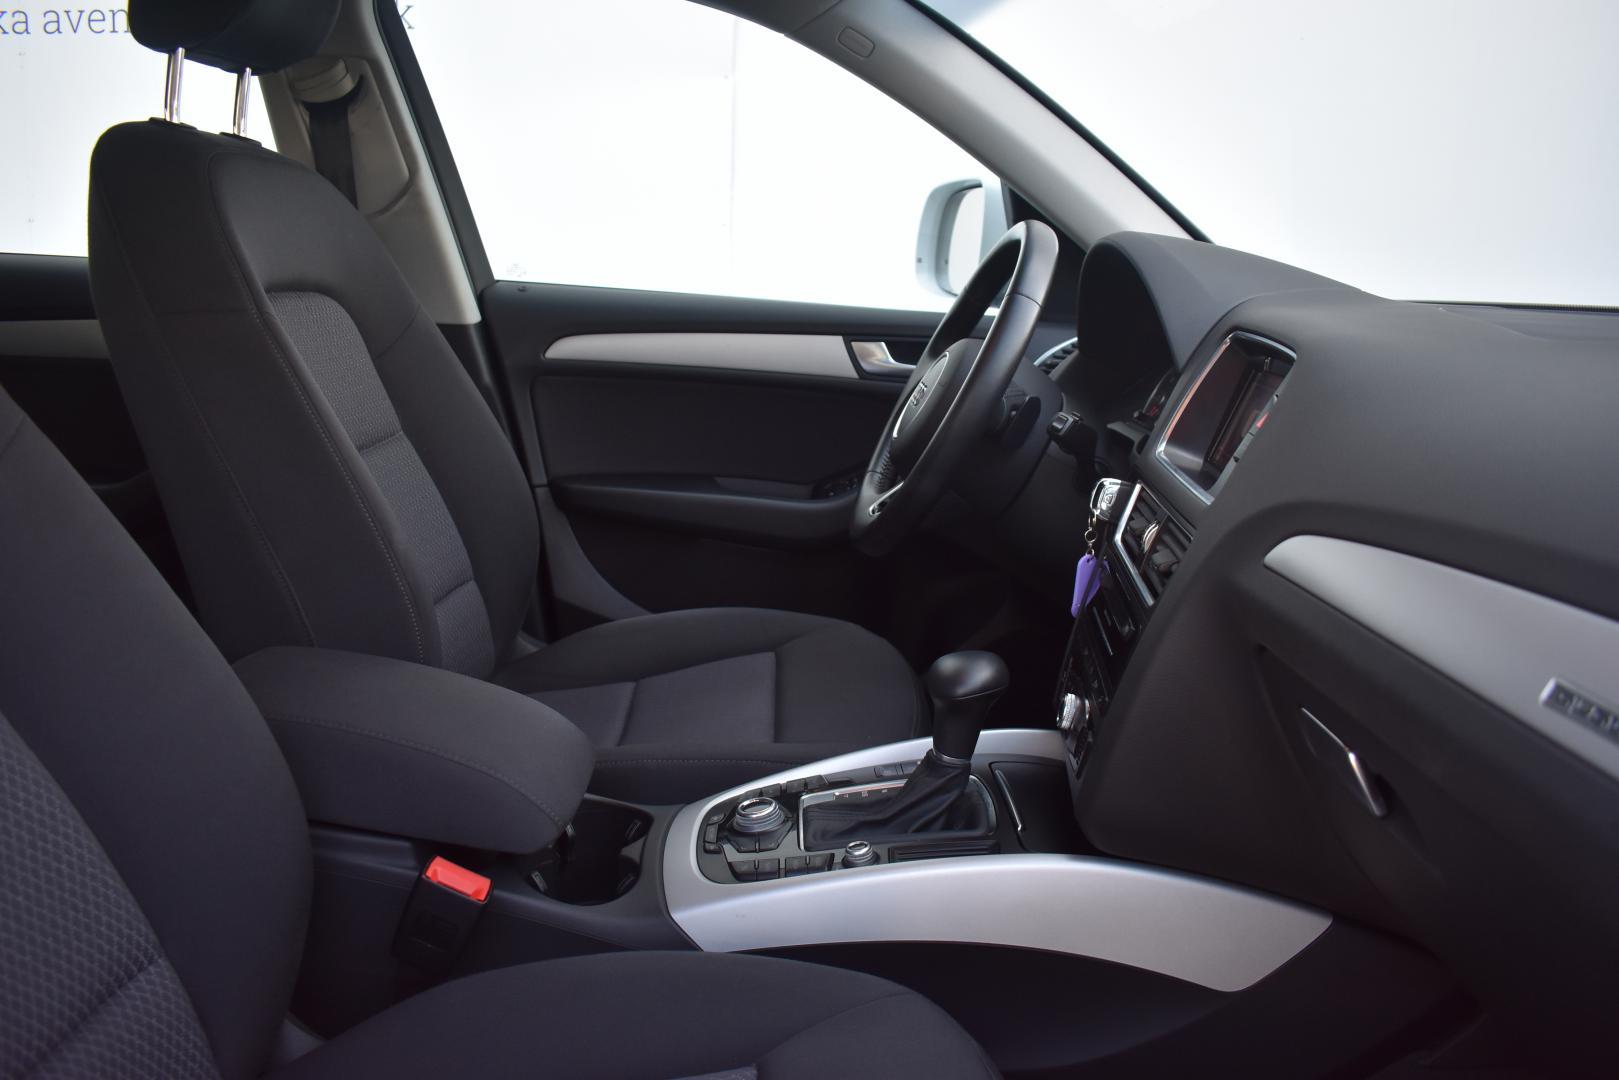 Audi Q5 2.0 TDI QUATTRO,NAVI,SENZORI,BIXENON,TEMPOMAT, 2 GODINE GARANCIJE